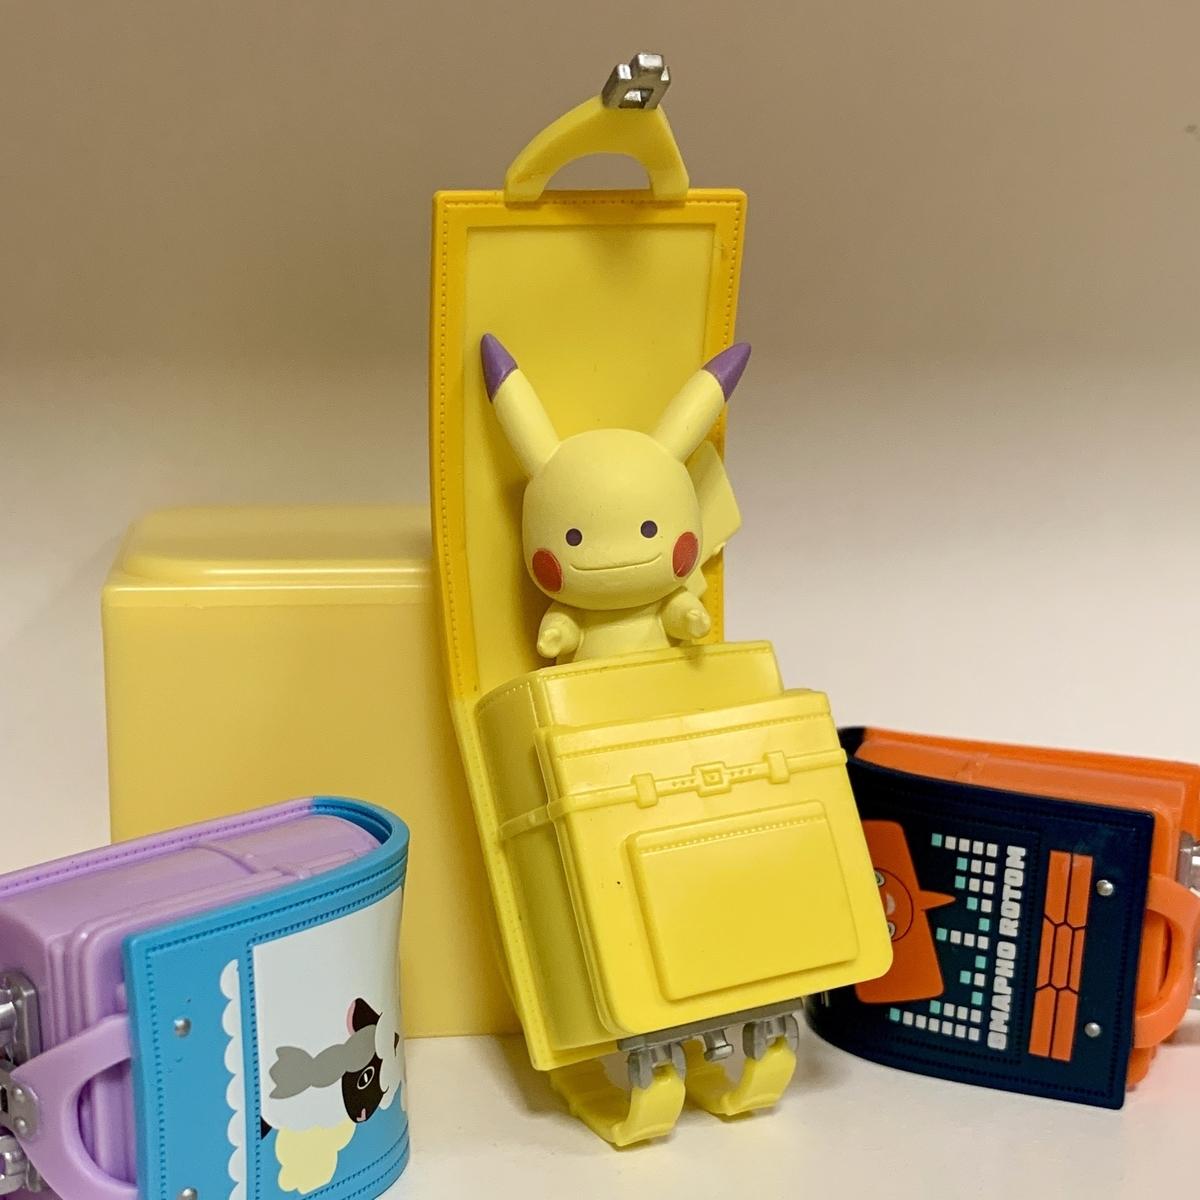 f:id:pikachu_pcn:20200809174726j:plain